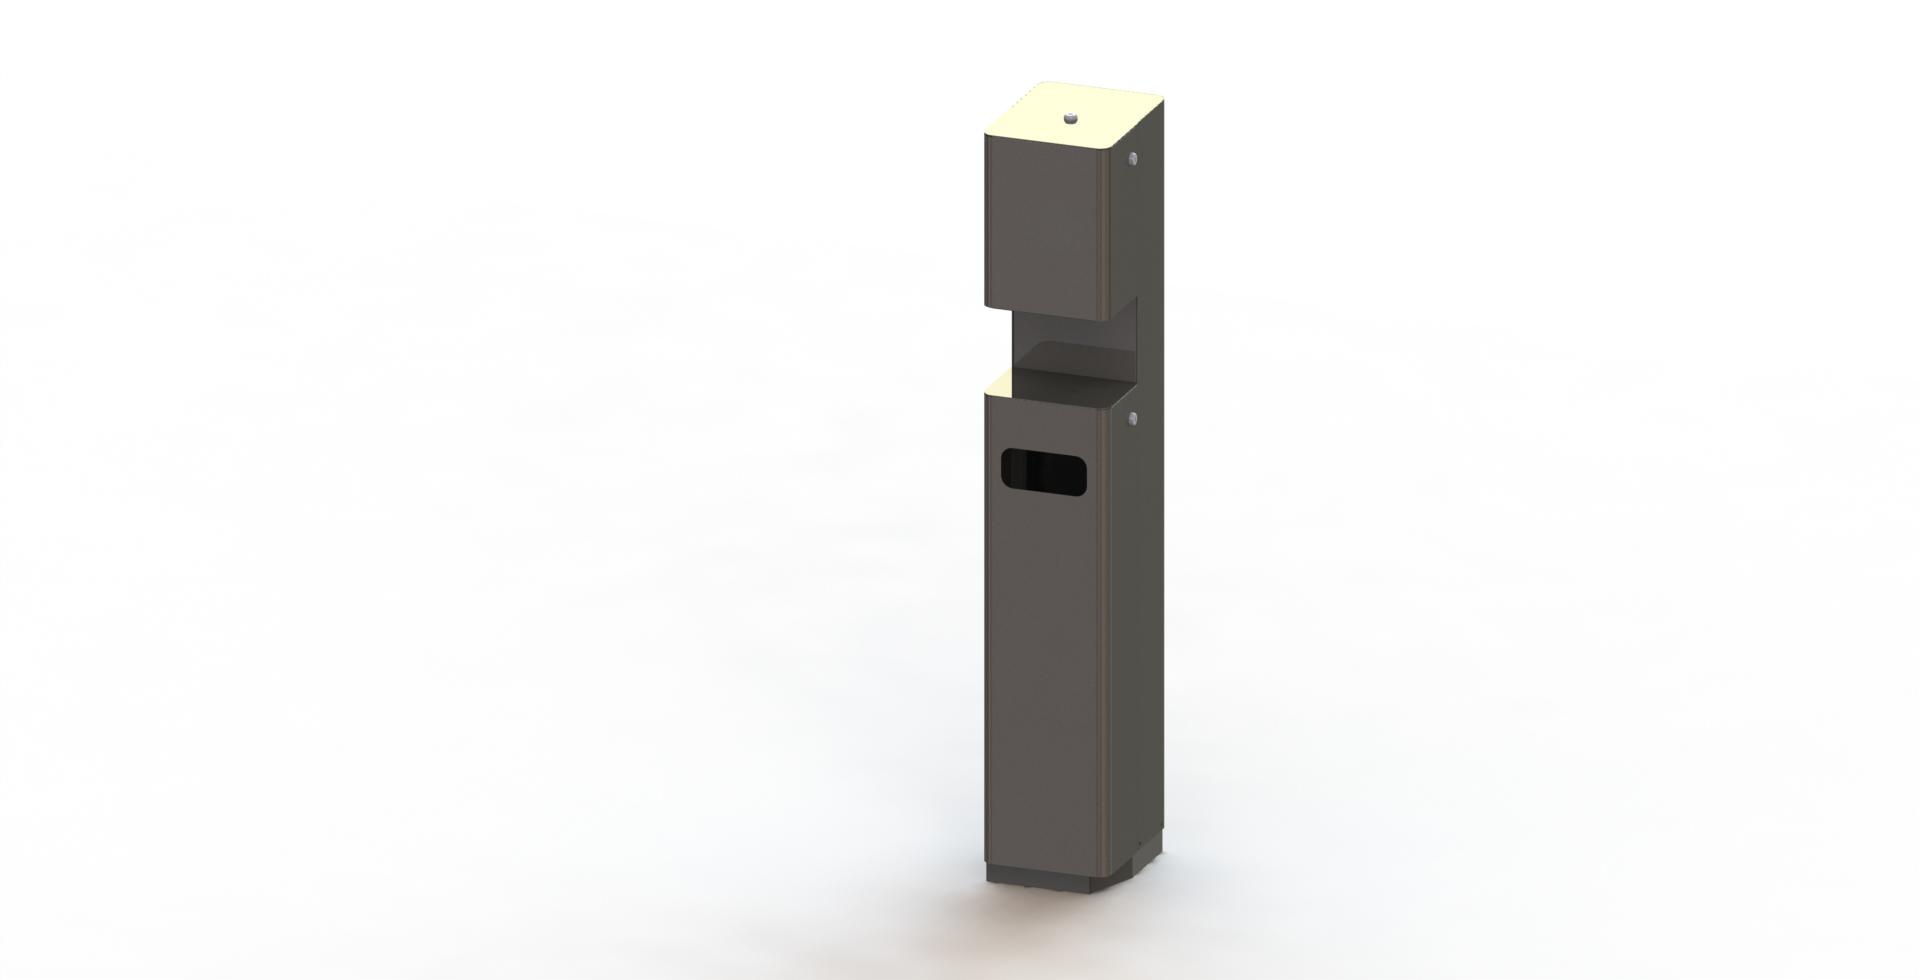 Desinfectiemiddelen dispenser mobiel vloermodel luxe RVS